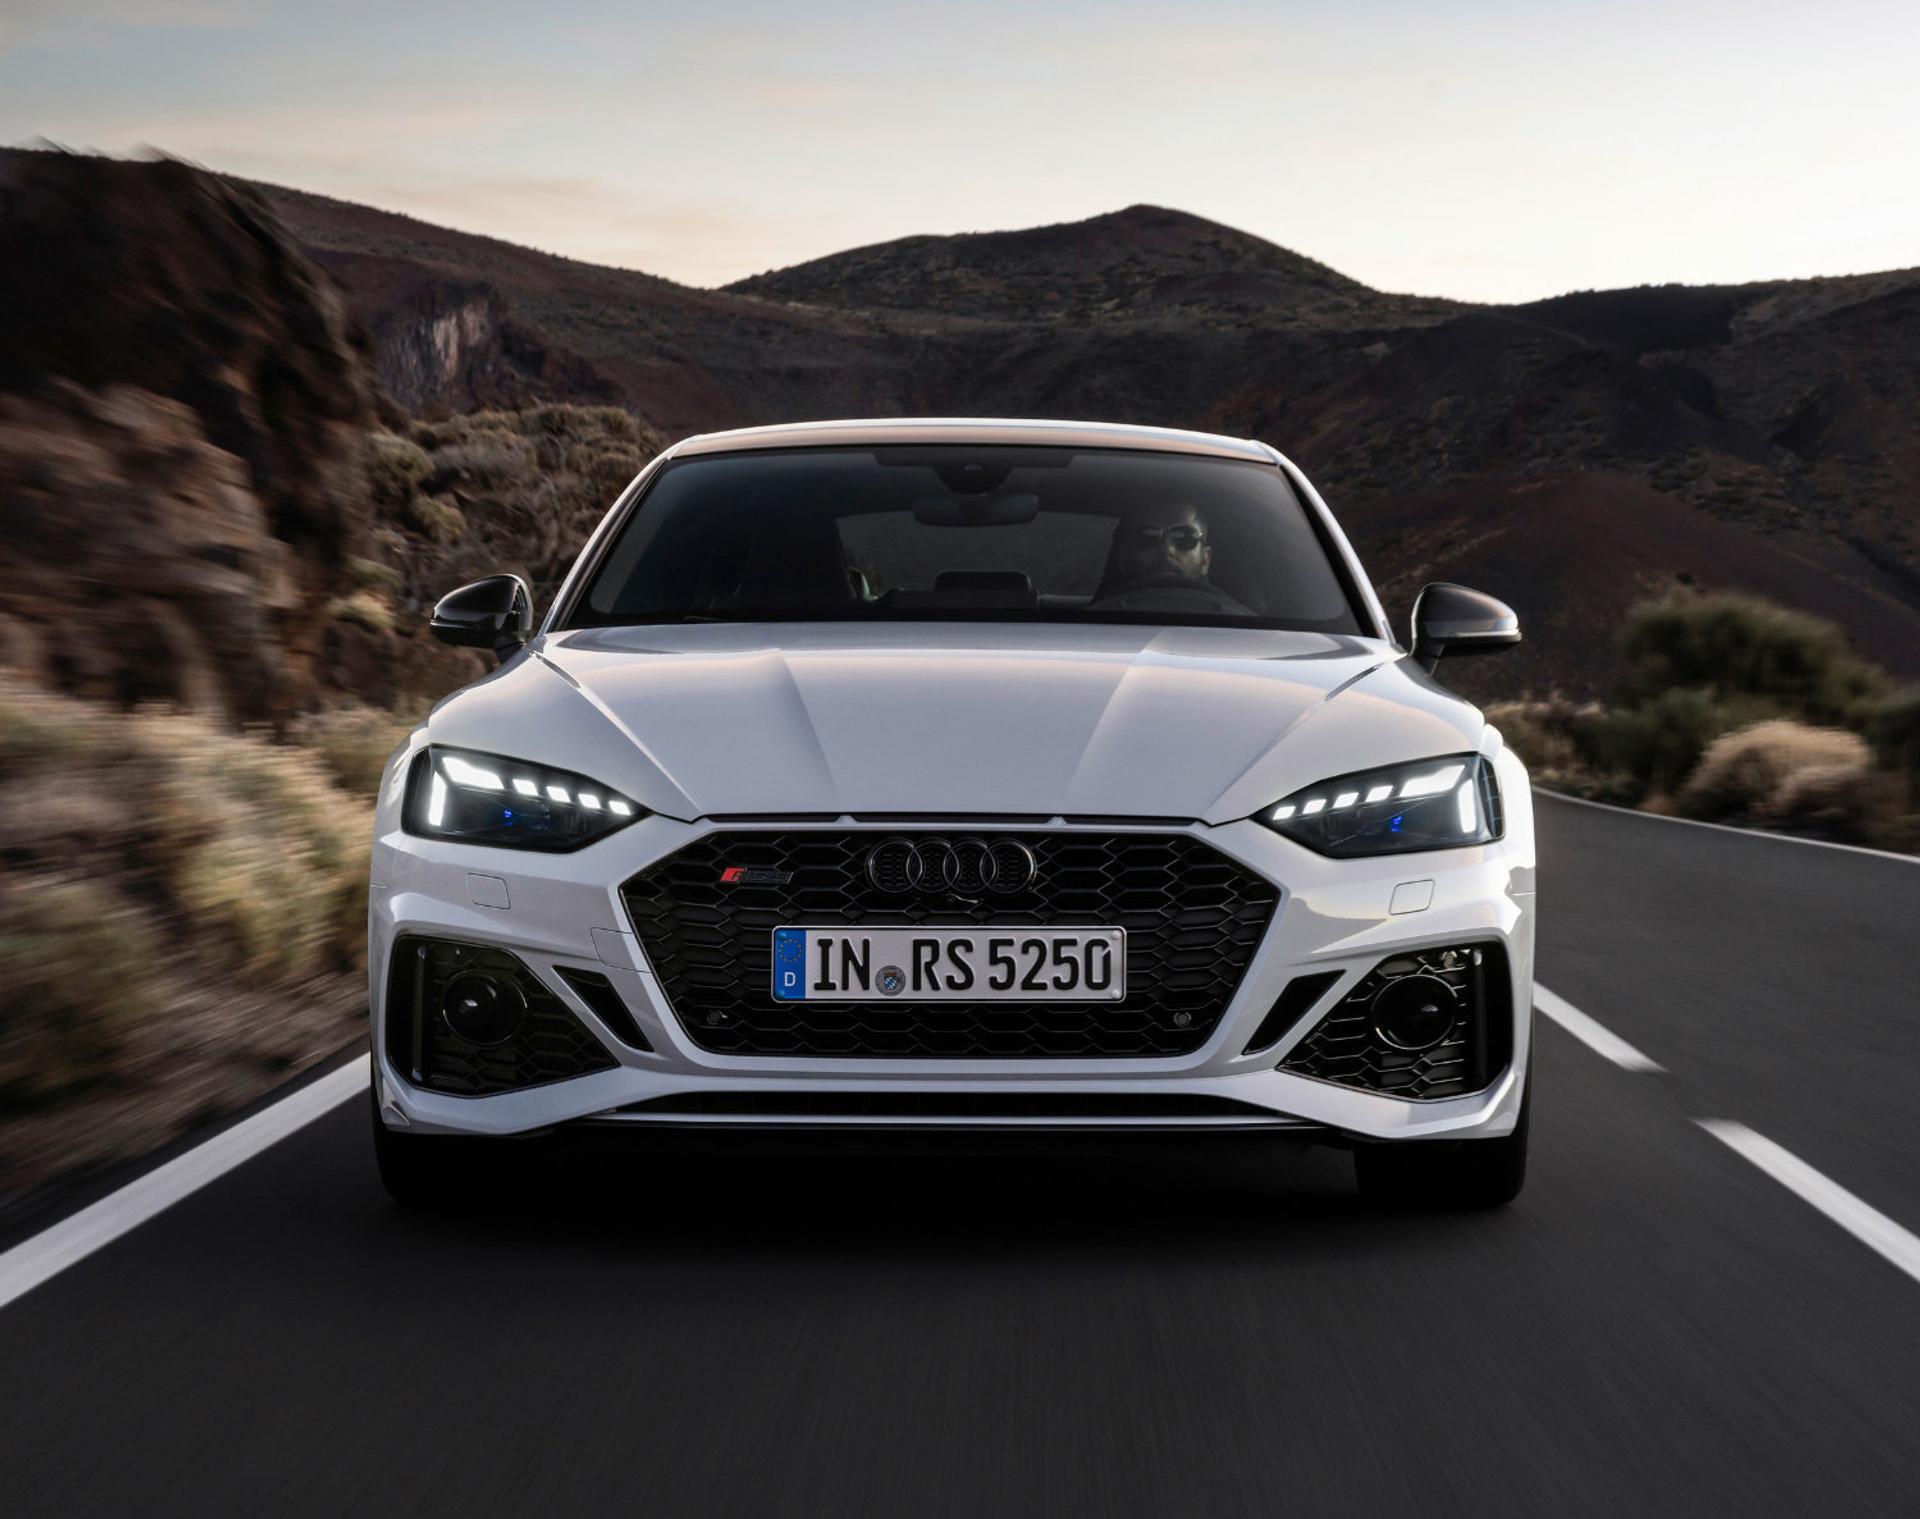 2021 Audi RS5 2.9 TFSI